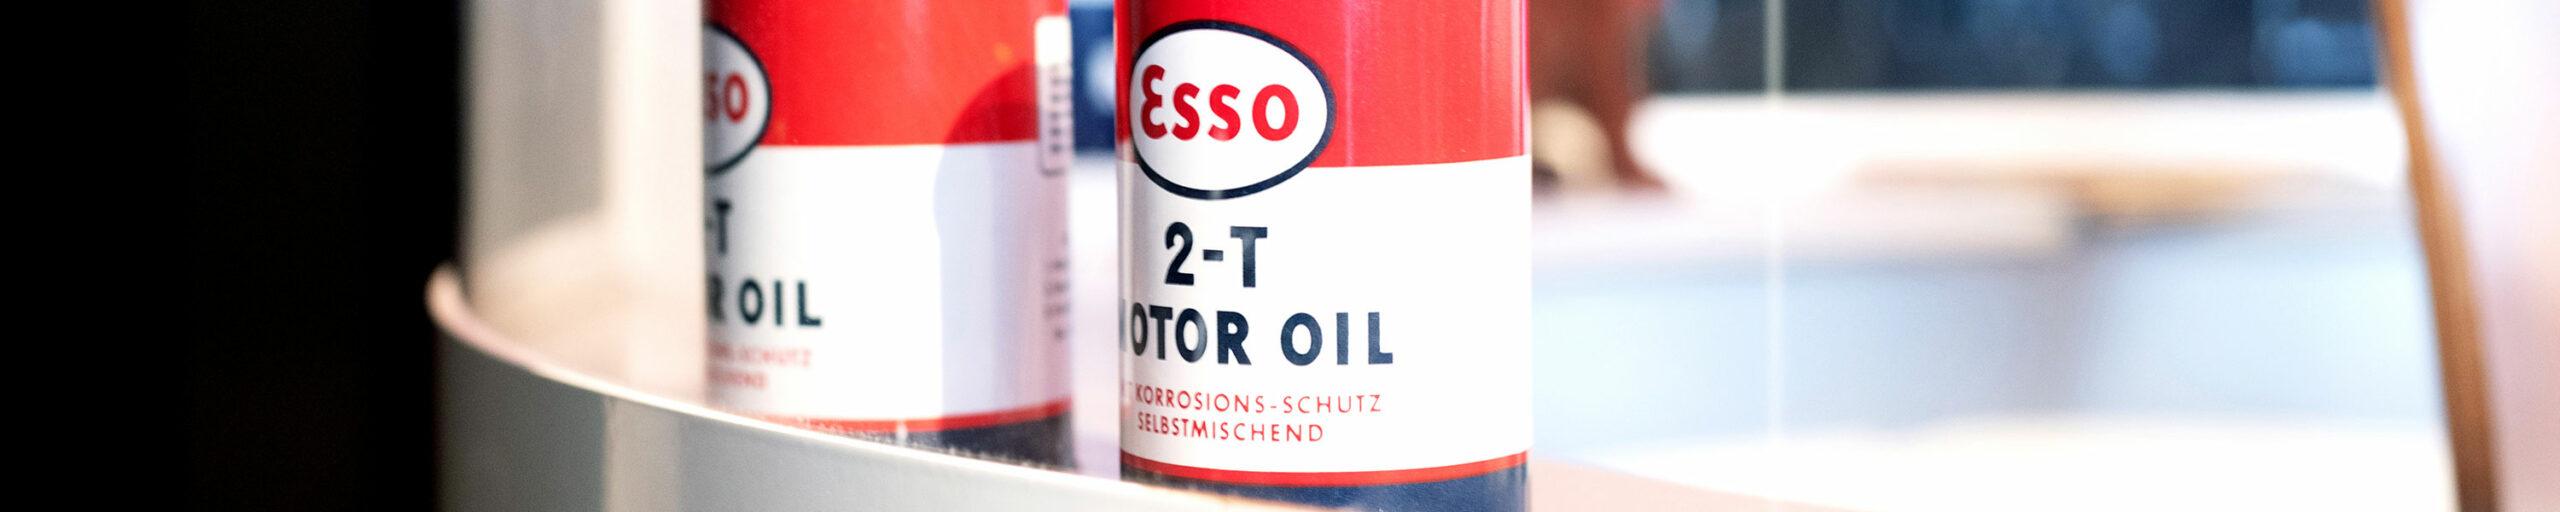 Esso-2T